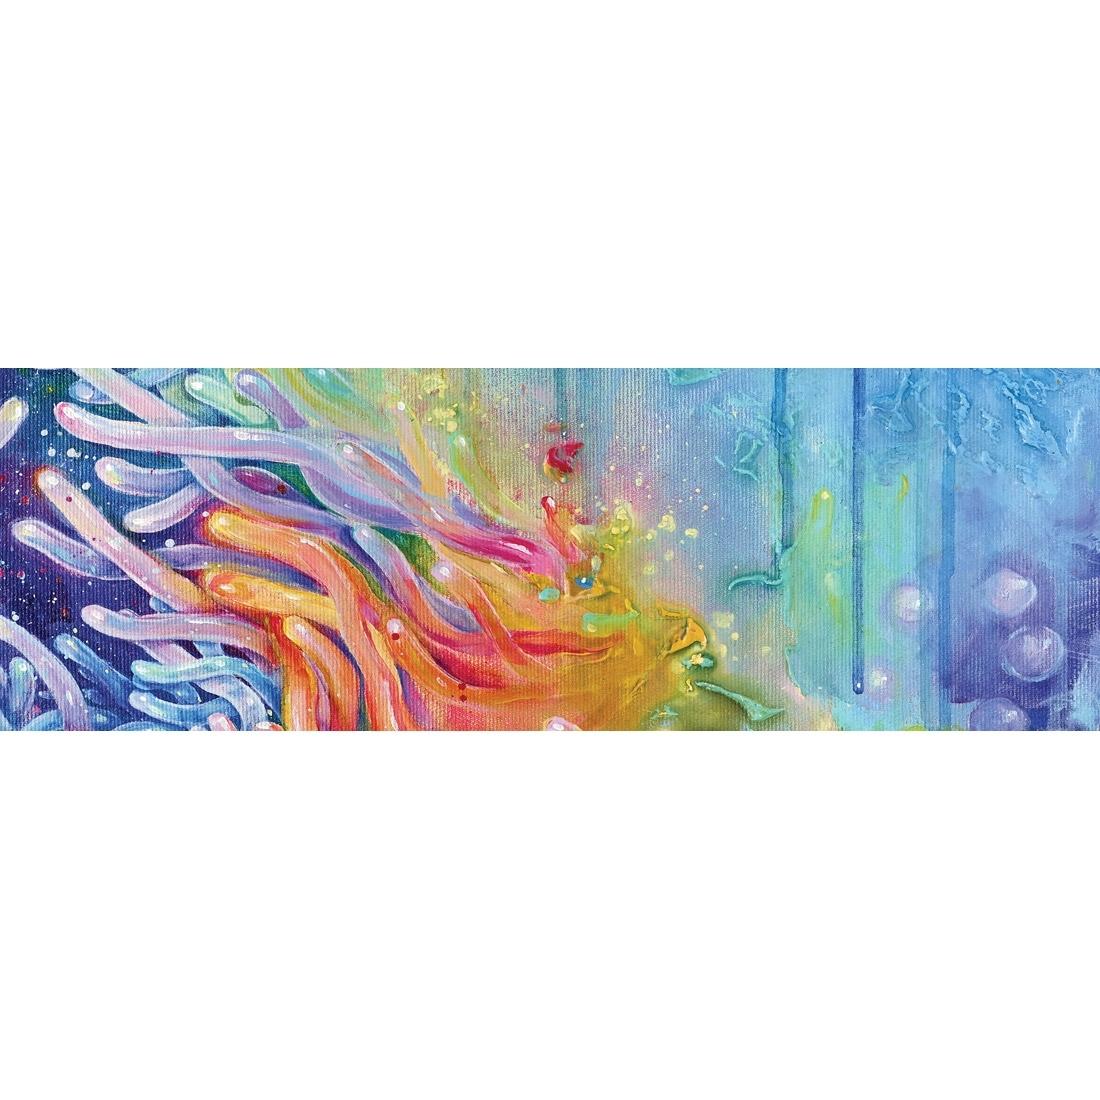 Serpent Flow (long) – Canvas Print – Wall Art – Australia Inside Recent Long Canvas Wall Art (View 16 of 20)